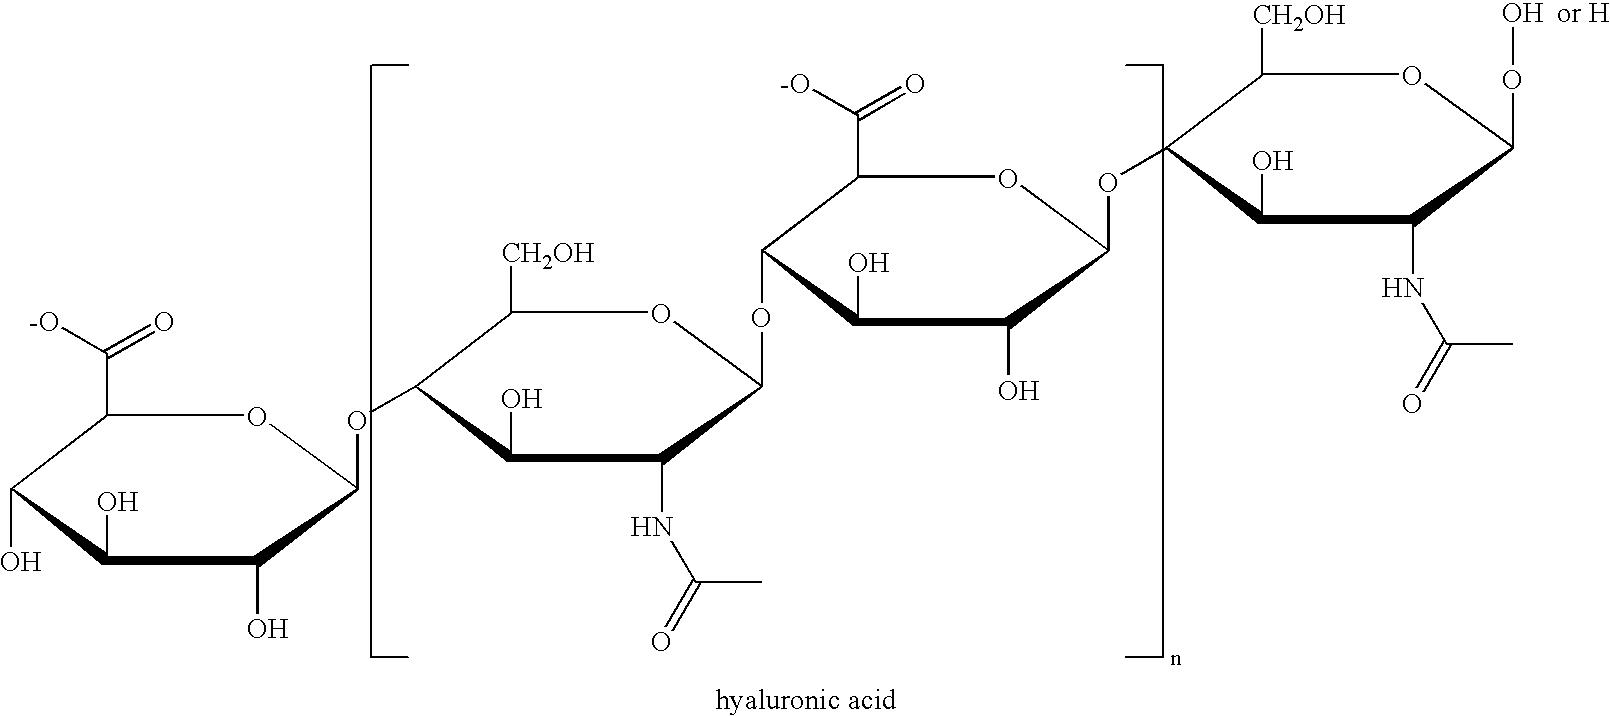 Figure US20070299043A1-20071227-C00268